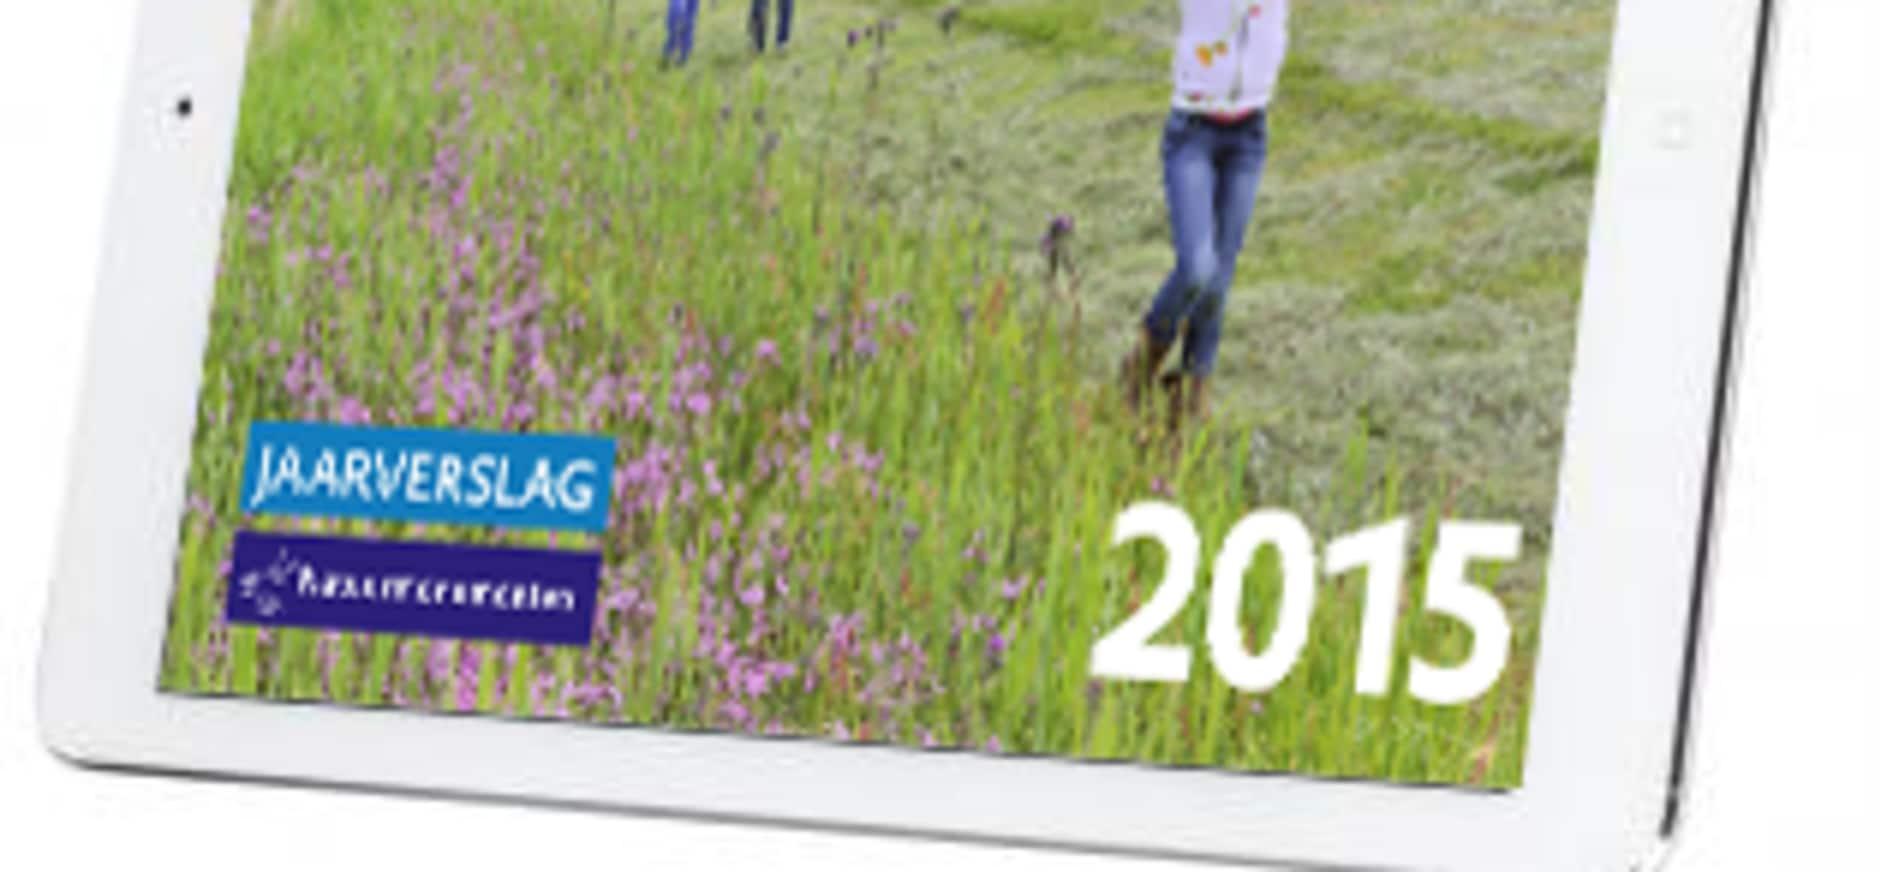 Bekijk het jaarverslag van 2015